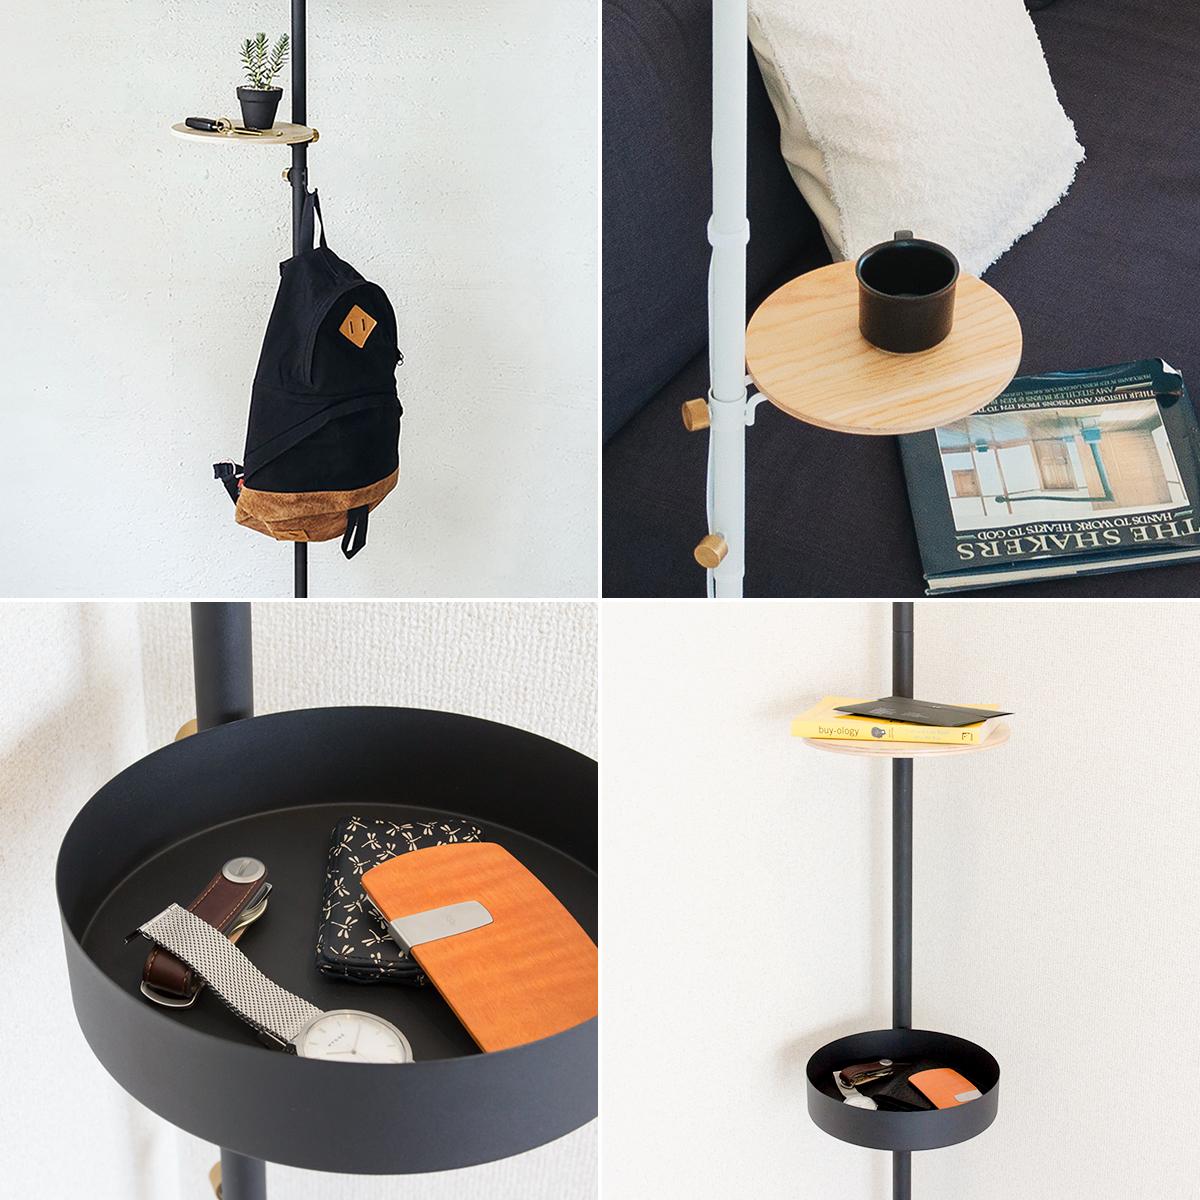 「丸テーブル」や「小フック」を取り付ければ、あなた好みの使いやすいスペースに。照明とテーブルがセットできる「つっぱり棒」|DRAW A LINE ランプシリーズ